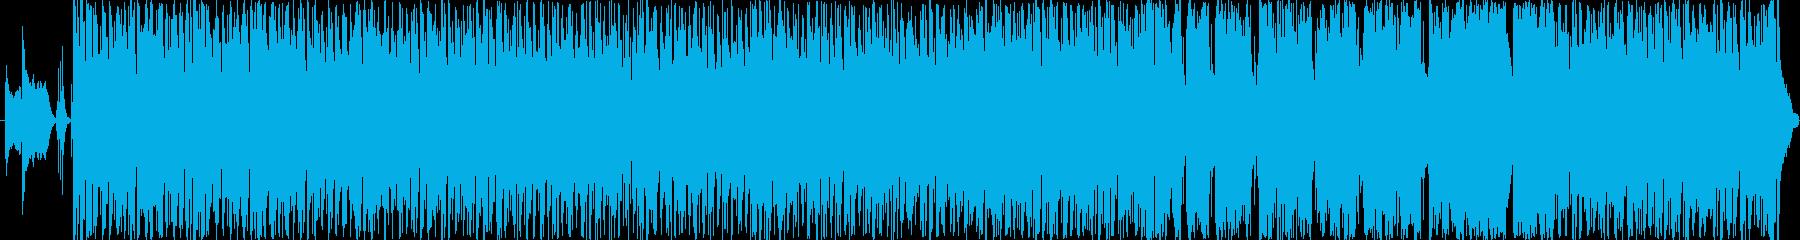 情熱大陸っぽい音の再生済みの波形